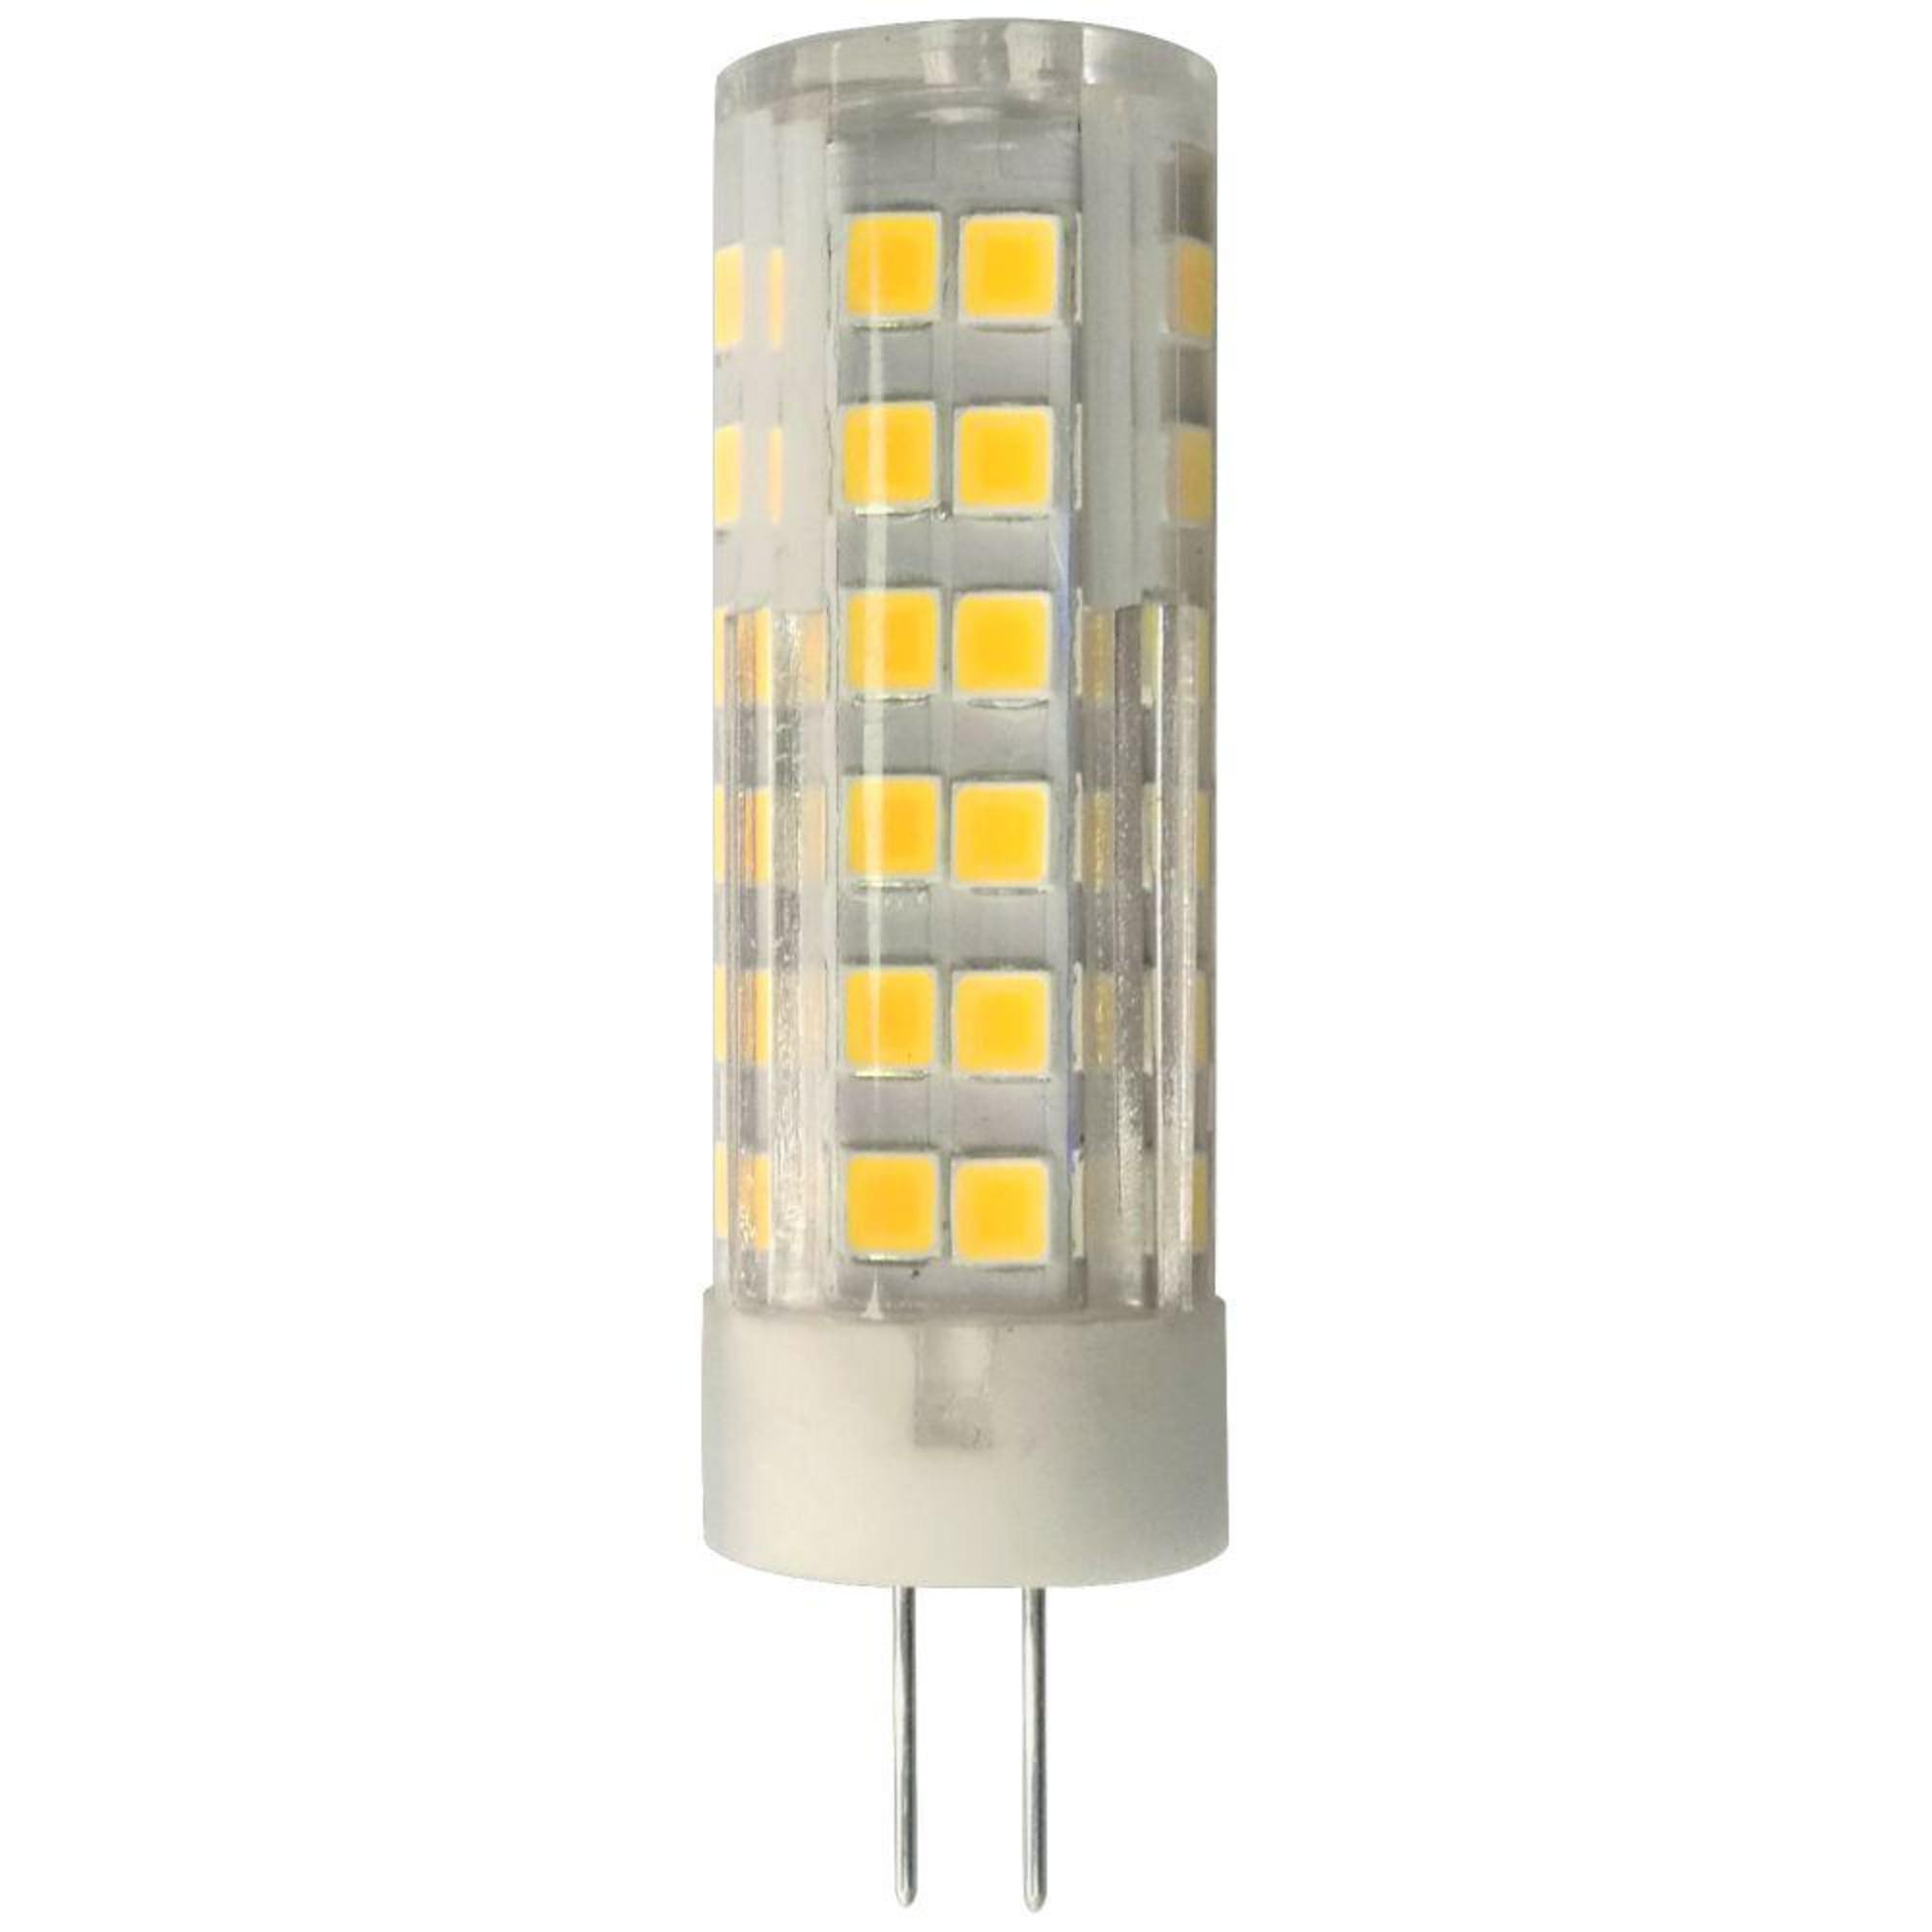 Лампа Ecola стандарт светодионая G4 5.50 Вт капсула 440 Лм теплый свет